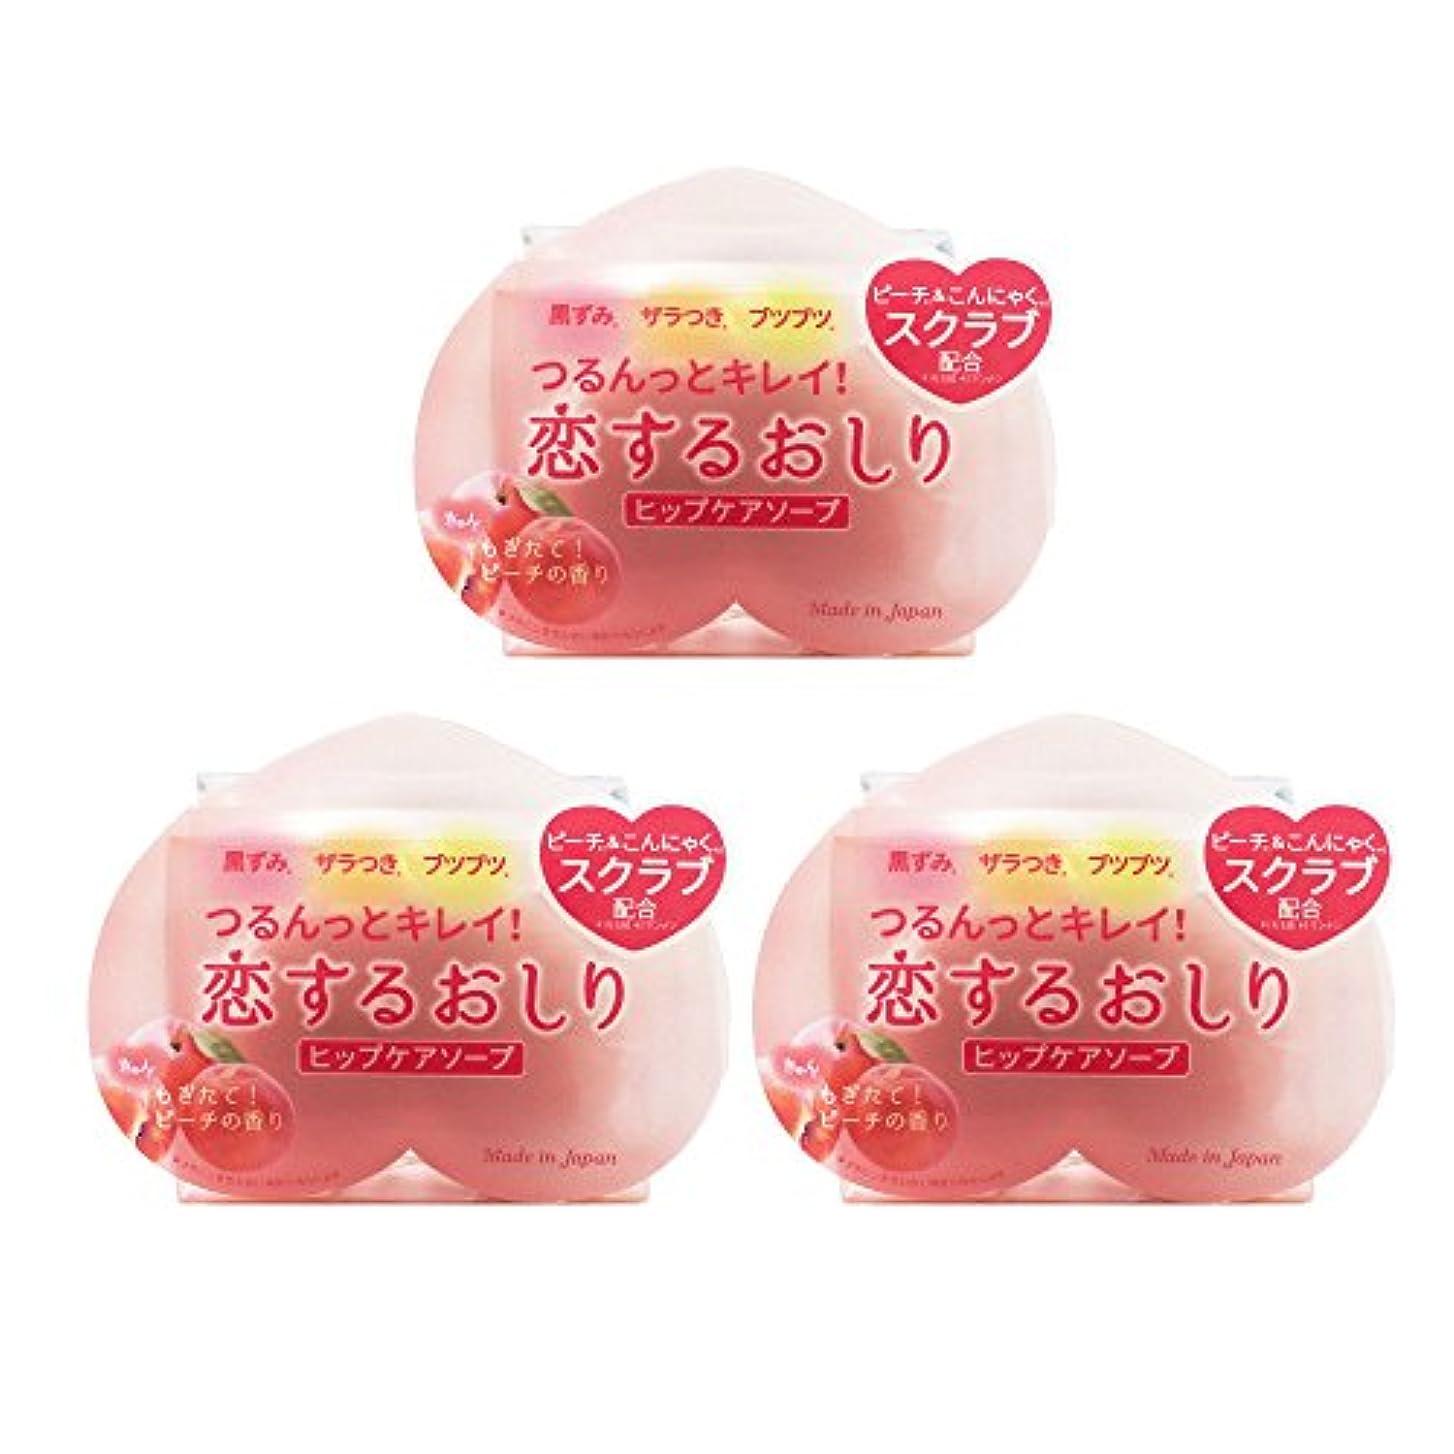 加入夫婦ポーチ(ペリカン石鹸)恋するおしりヒップケアソープ 80g(お買い得3個セット)